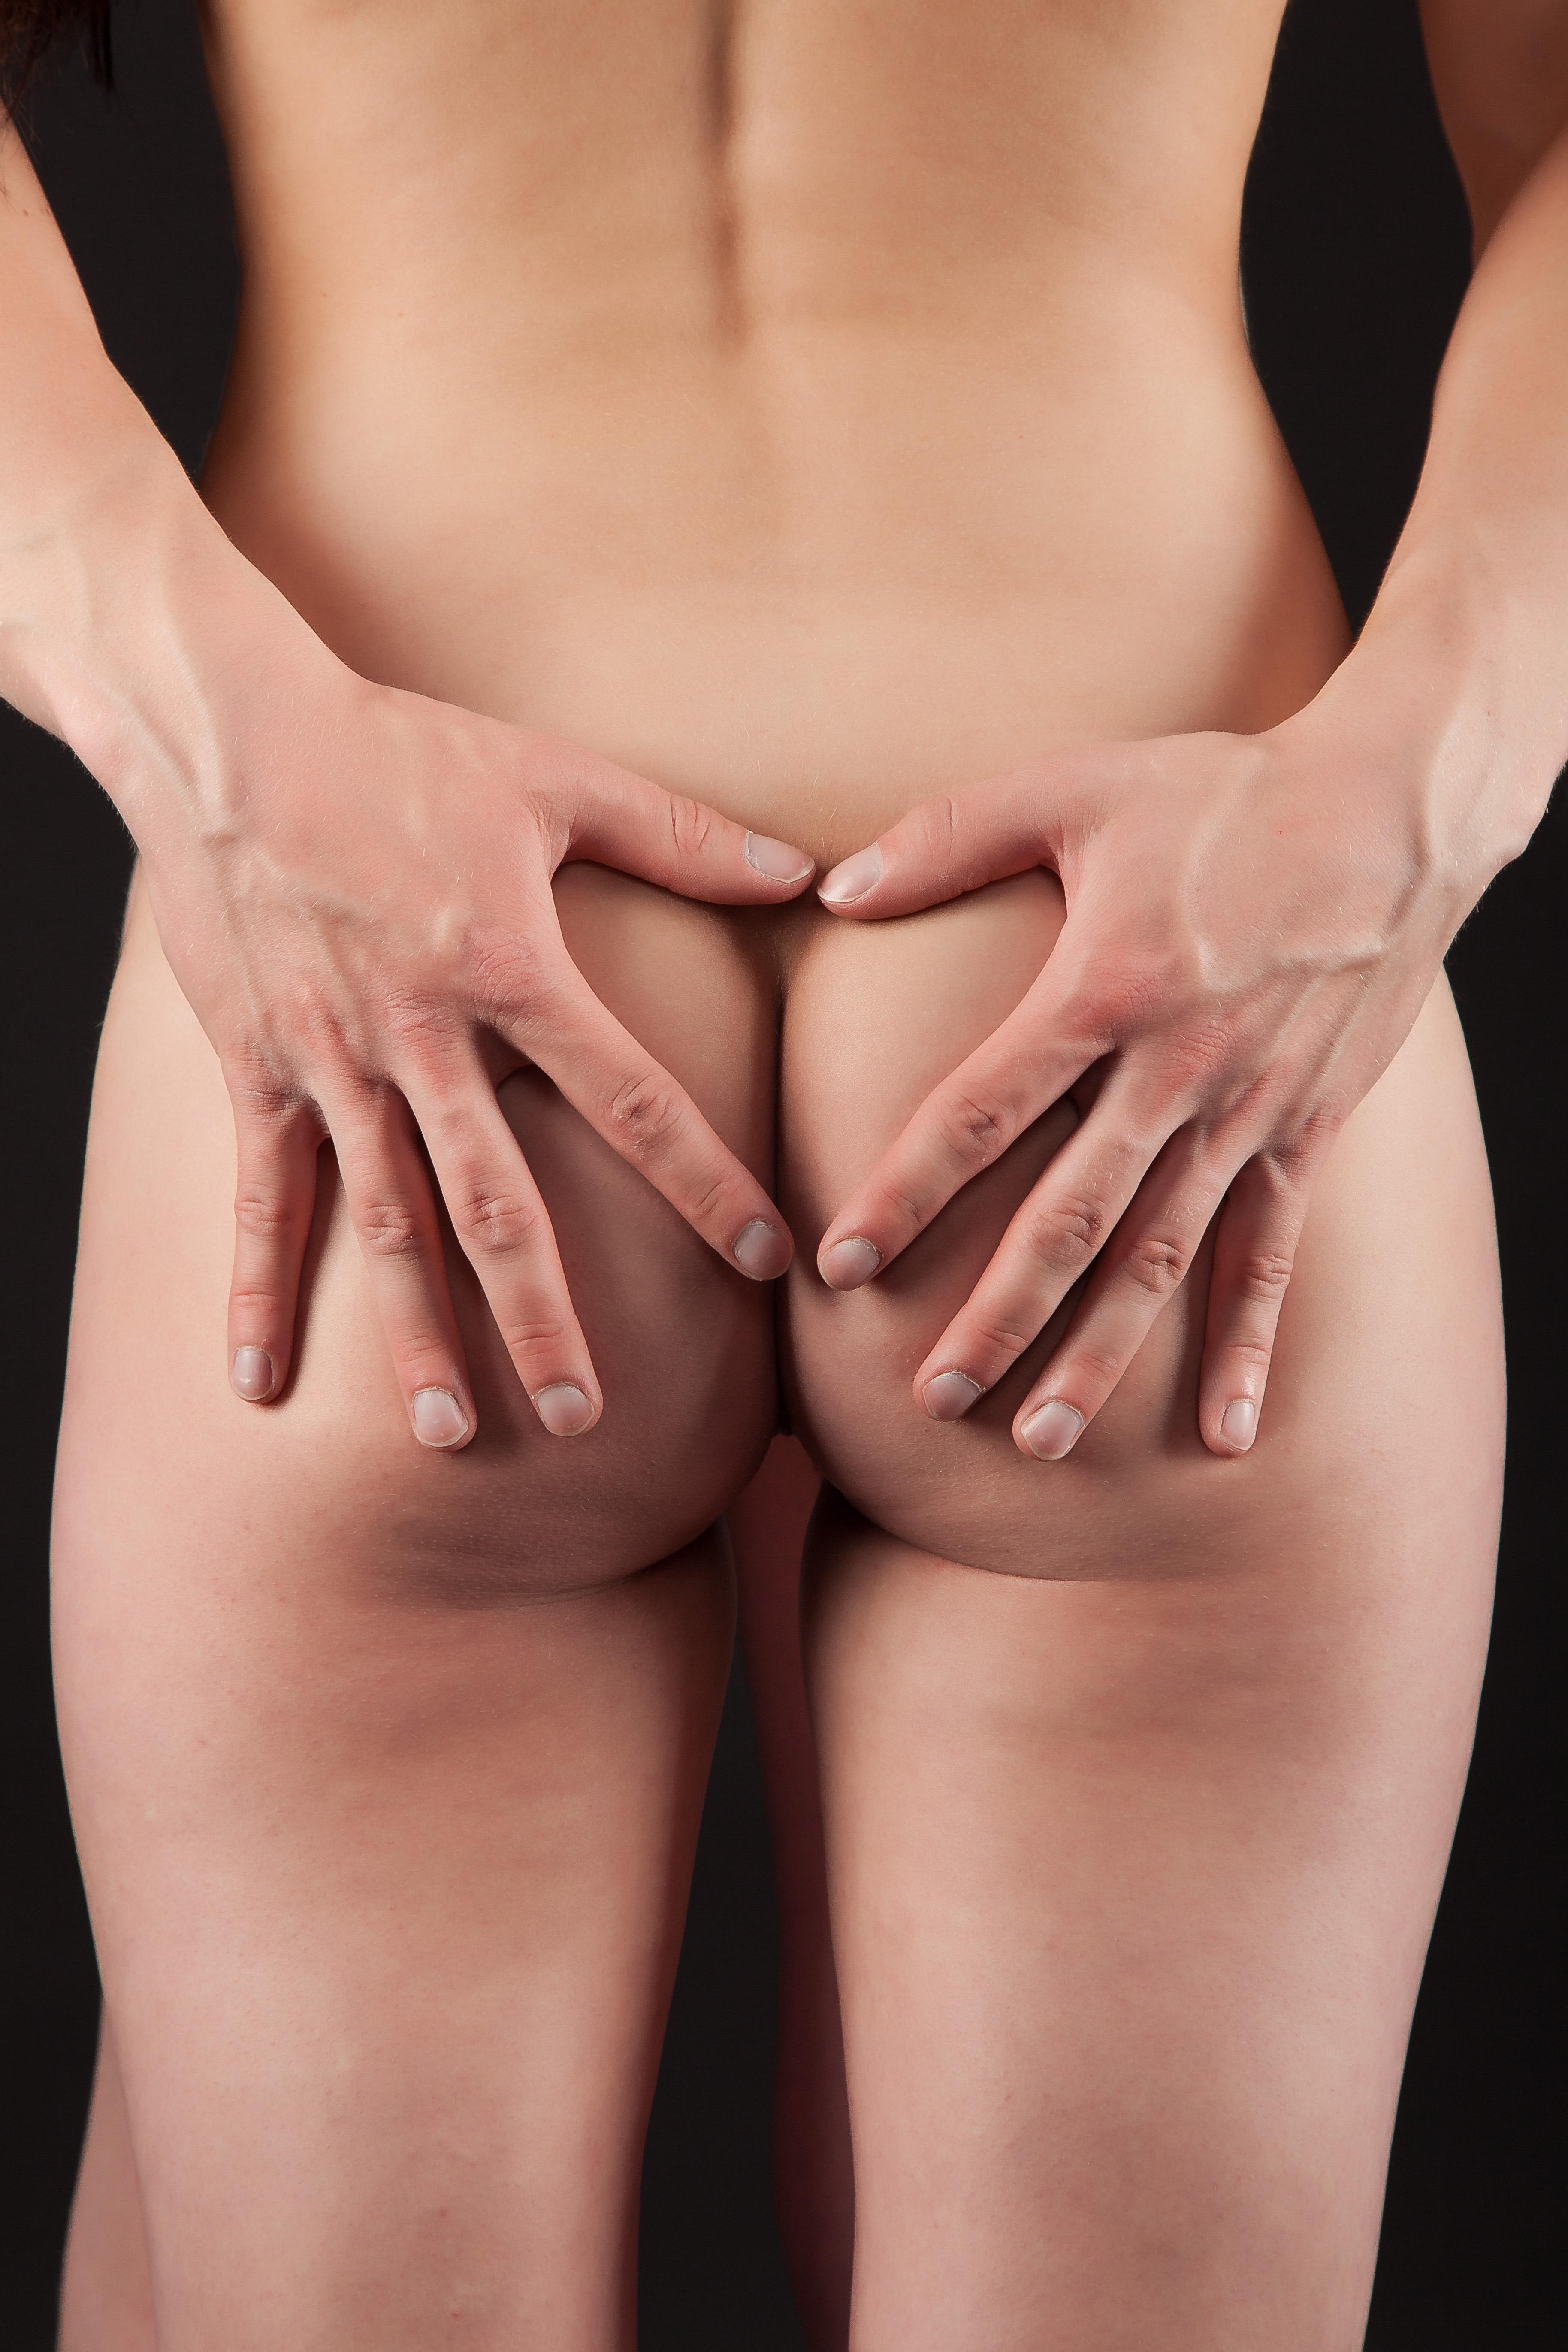 bondage tipps deutsche porno darstellerin